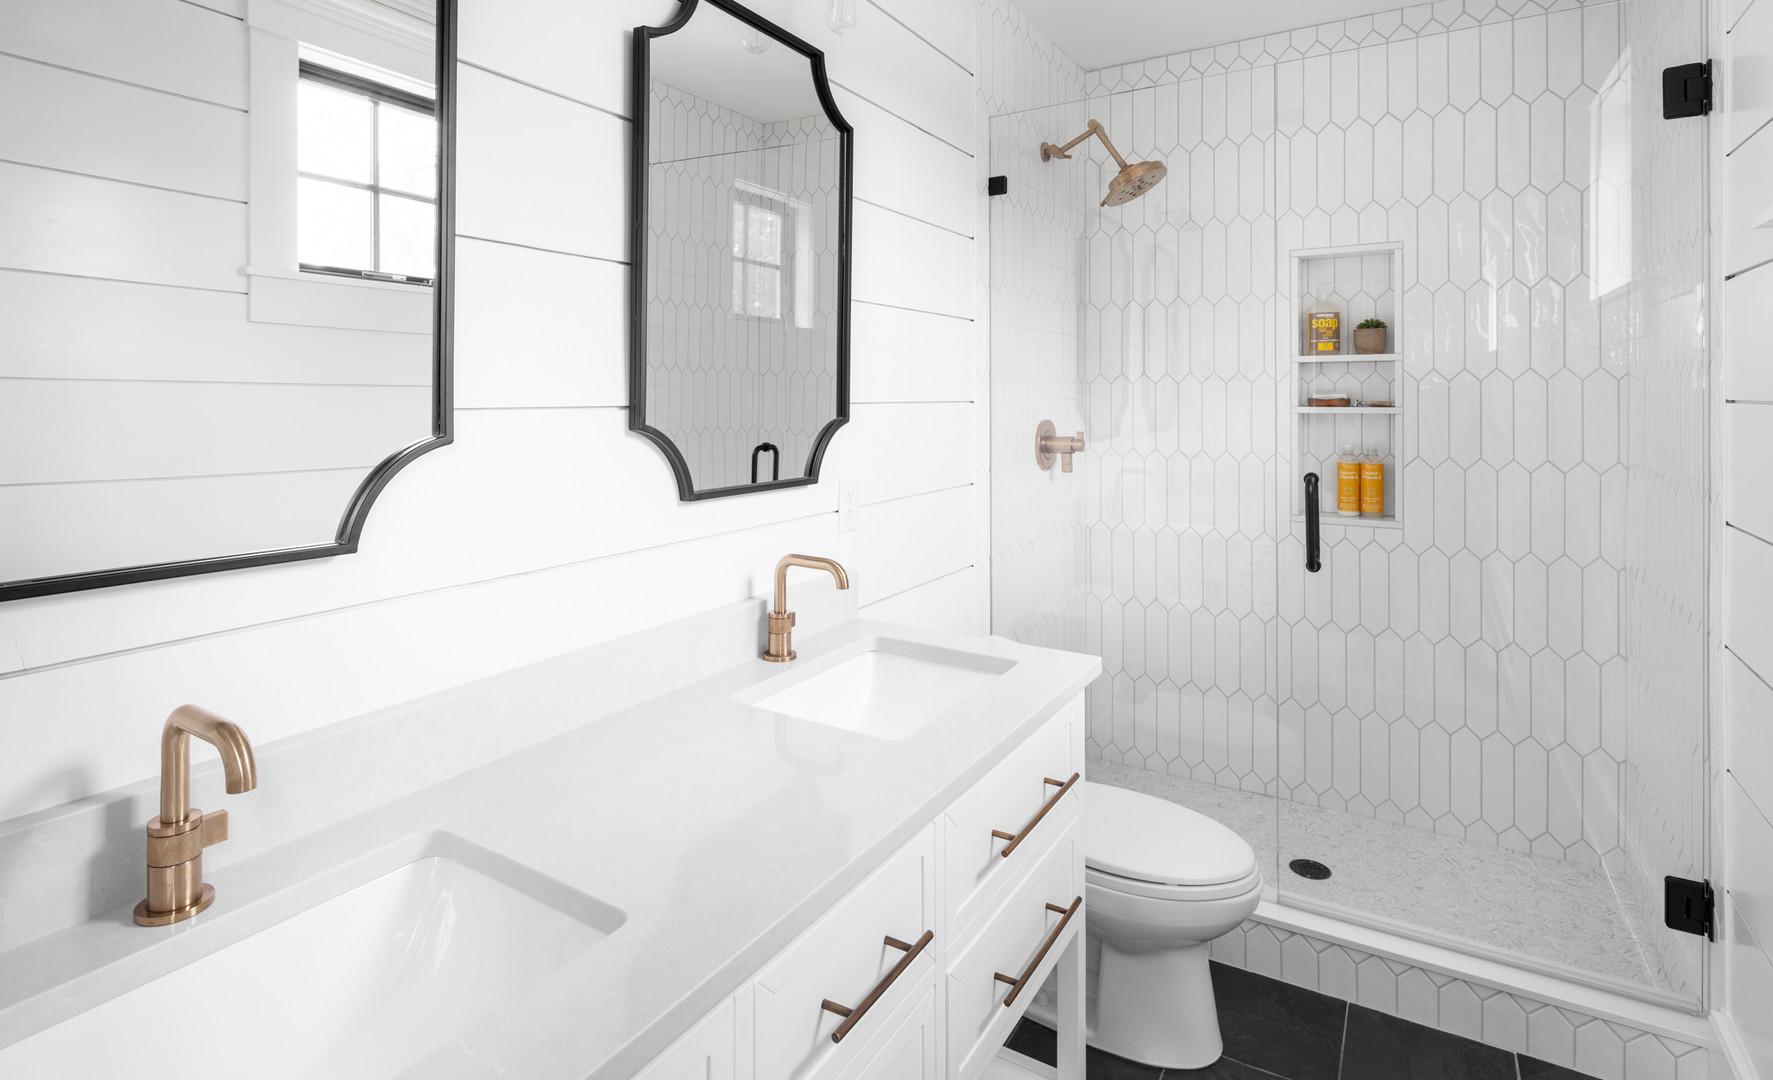 New Bathroom, Harwich Port